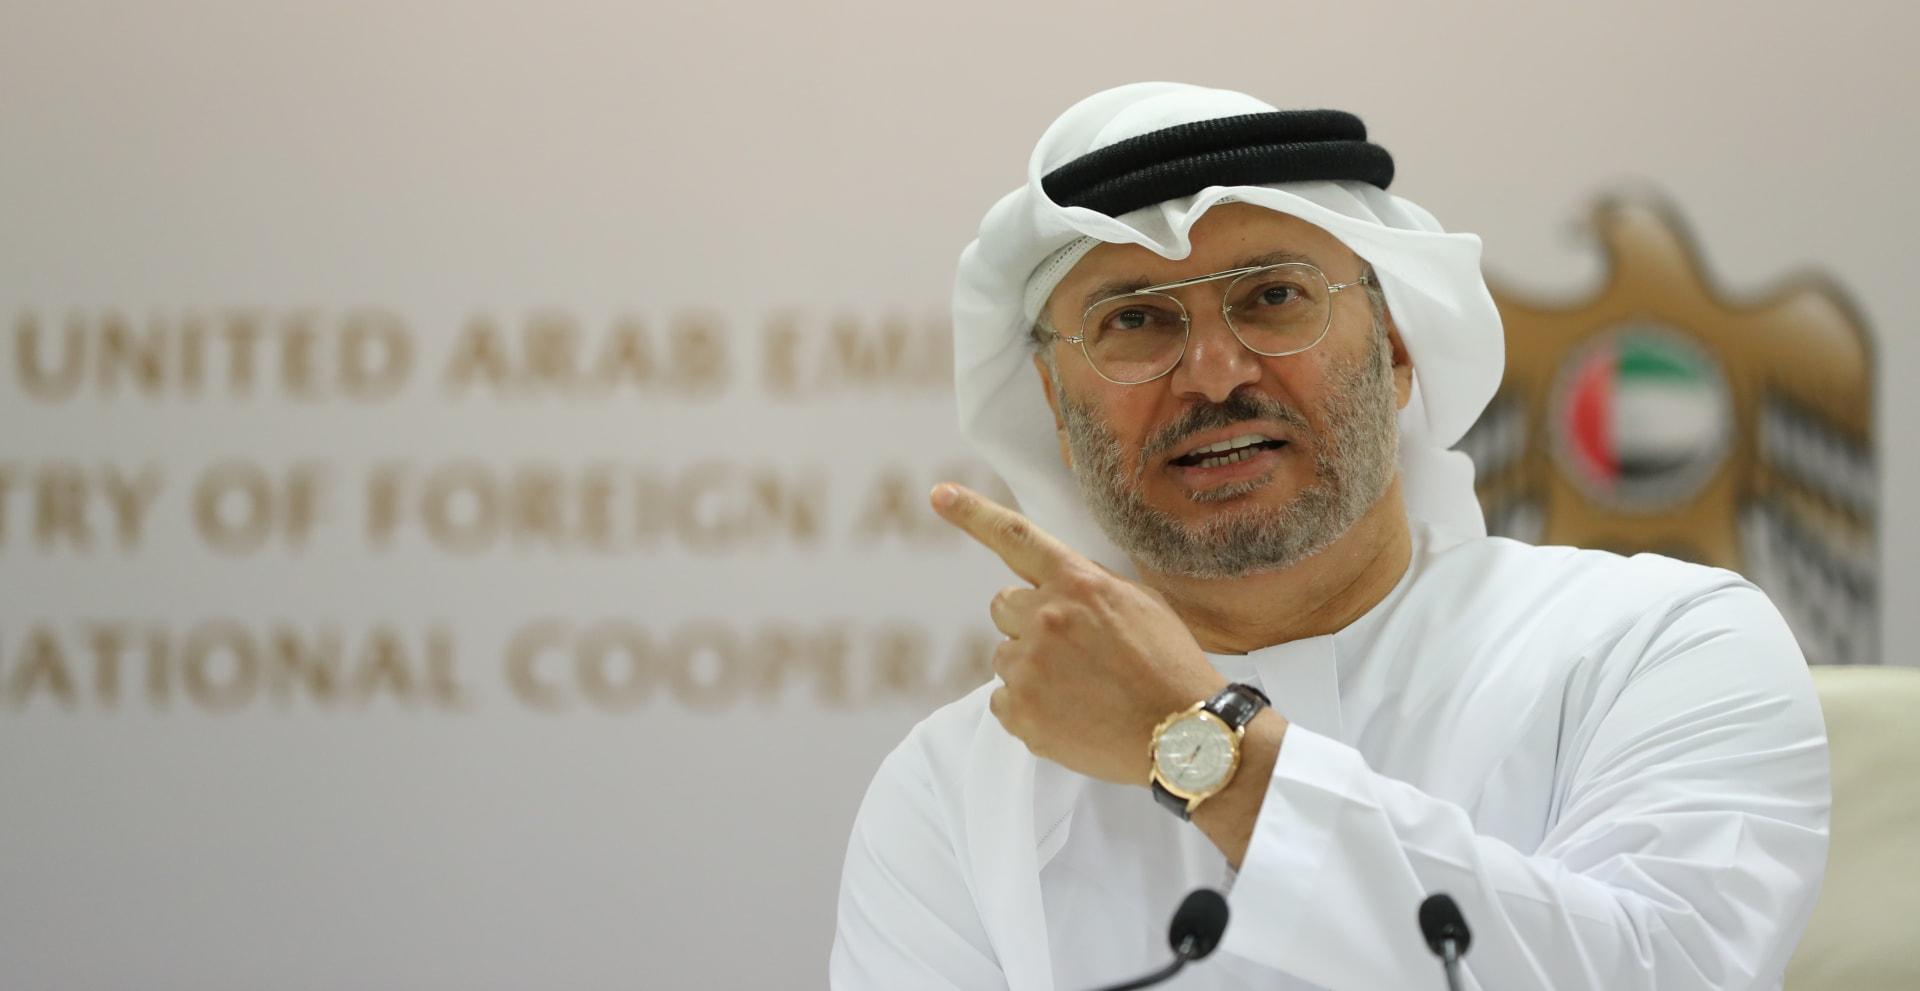 قرقاش: حملات استهداف السعودية المُغرضة ستسقط.. ولن تنال من دورها المحوري